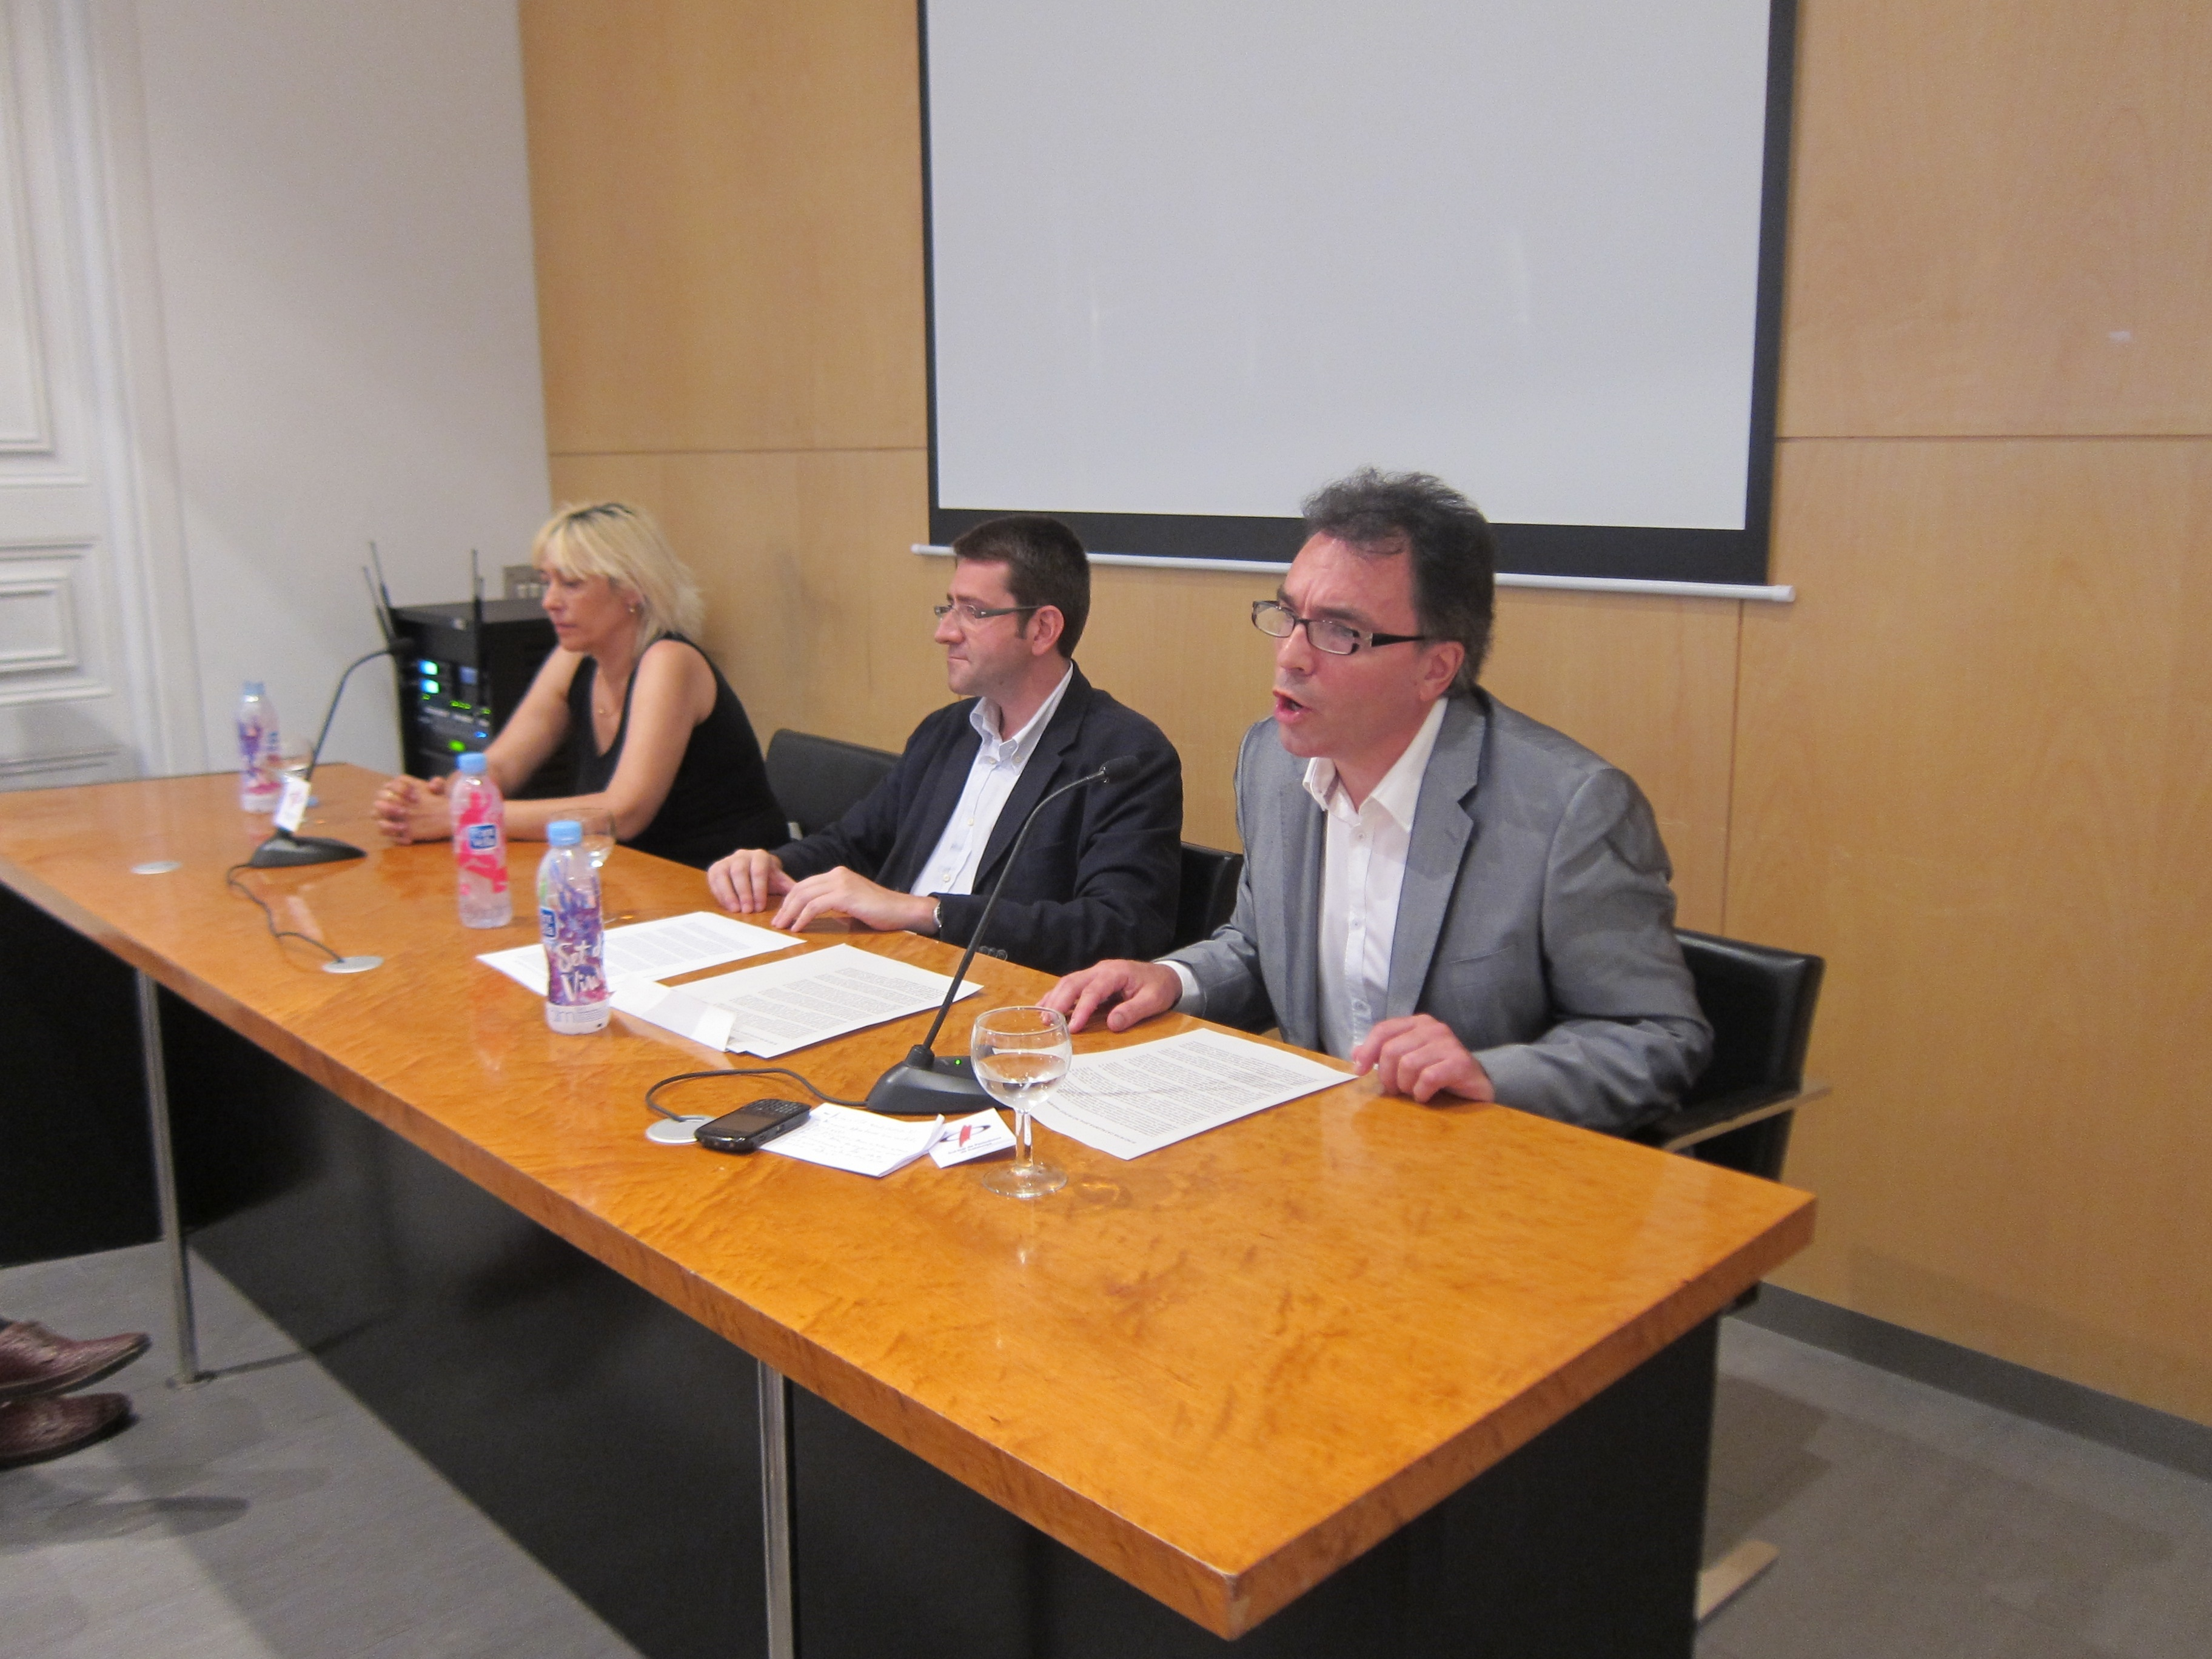 JJ.Organizaciones independentistas lanzan una campaña contra la candidatura de Madrid